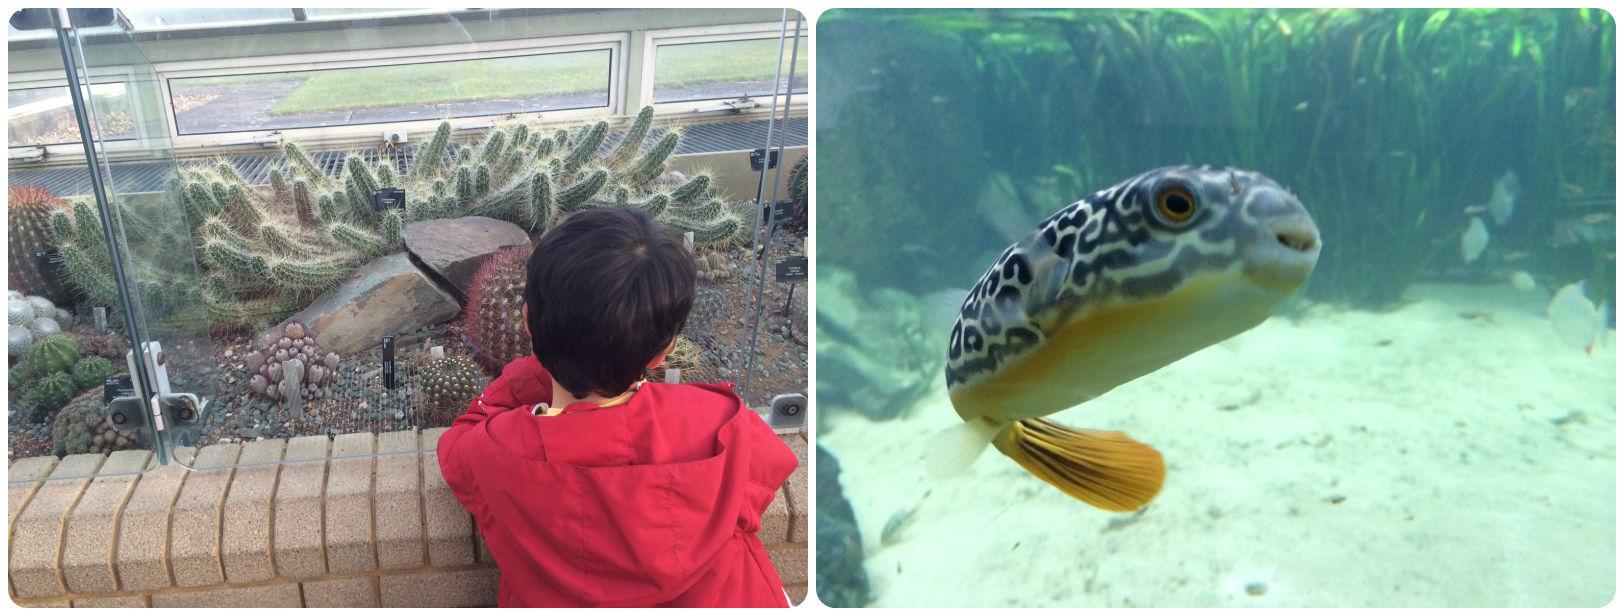 kew gardens aquarium